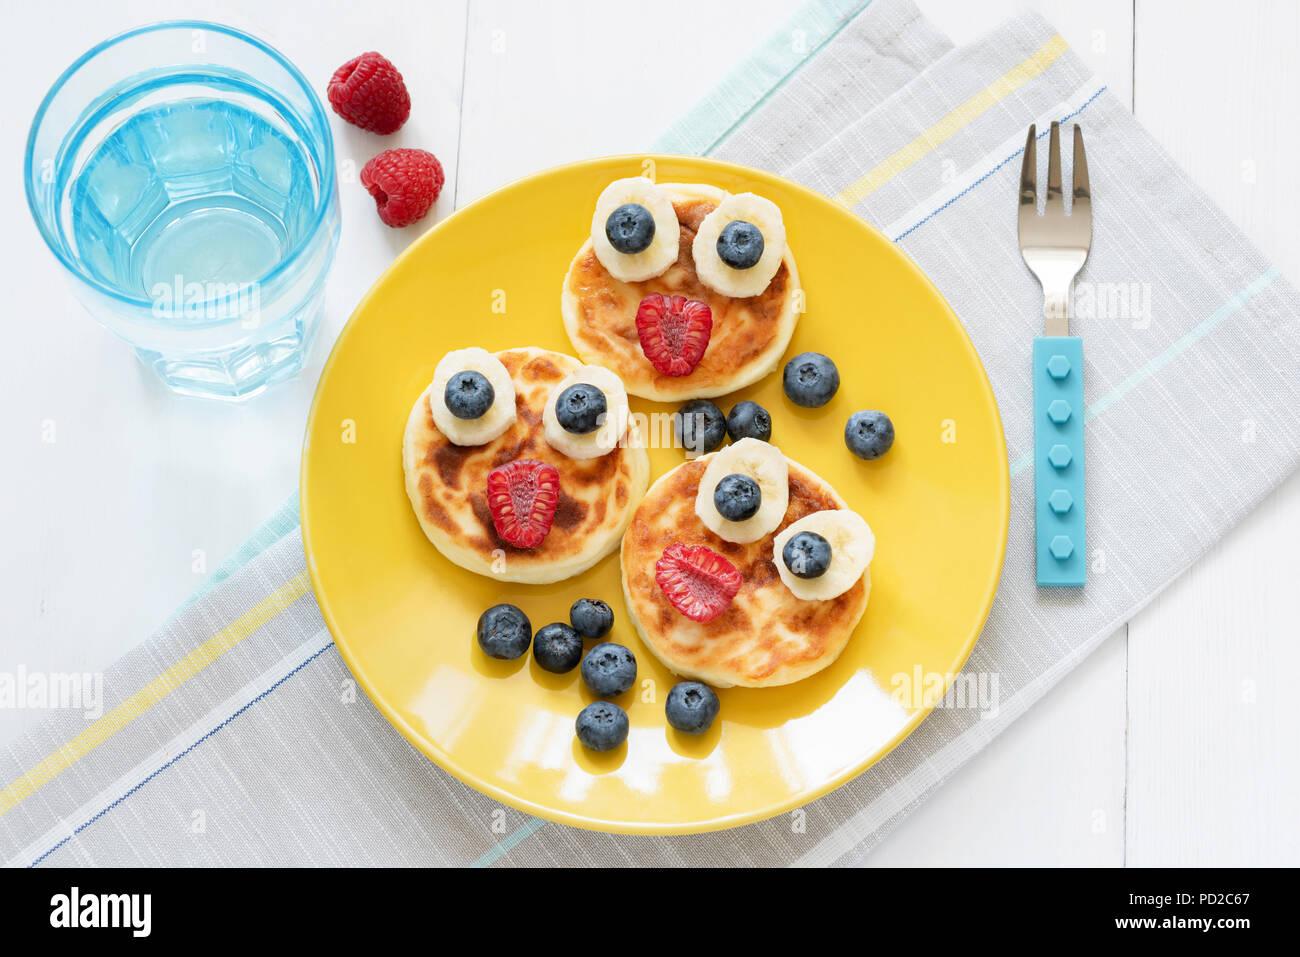 Desayuno para niños. Cara de animales divertidos panqueques con bayas frescas sobre placa amarilla y vaso de agua pura. Vista superior Imagen De Stock